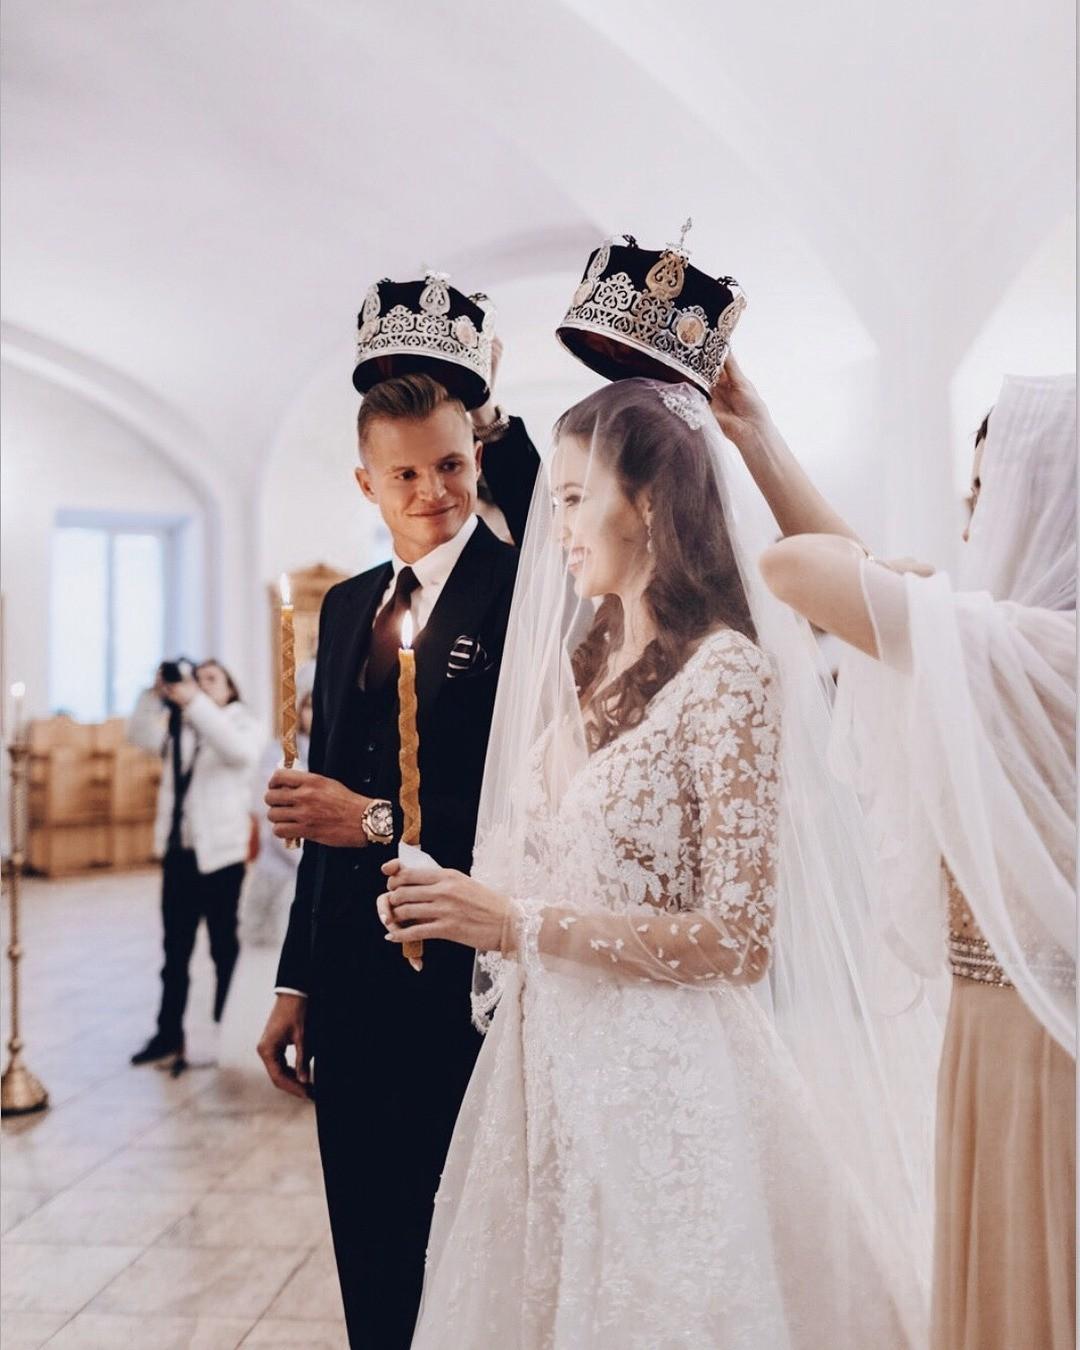 В своем Instagram-аккаунте Дмитрий Тарасов опубликовал фото, накотором они ссупругой запечатлены во время венчания. Футболист написал трогательное послание супруге: внем он поздравил А...